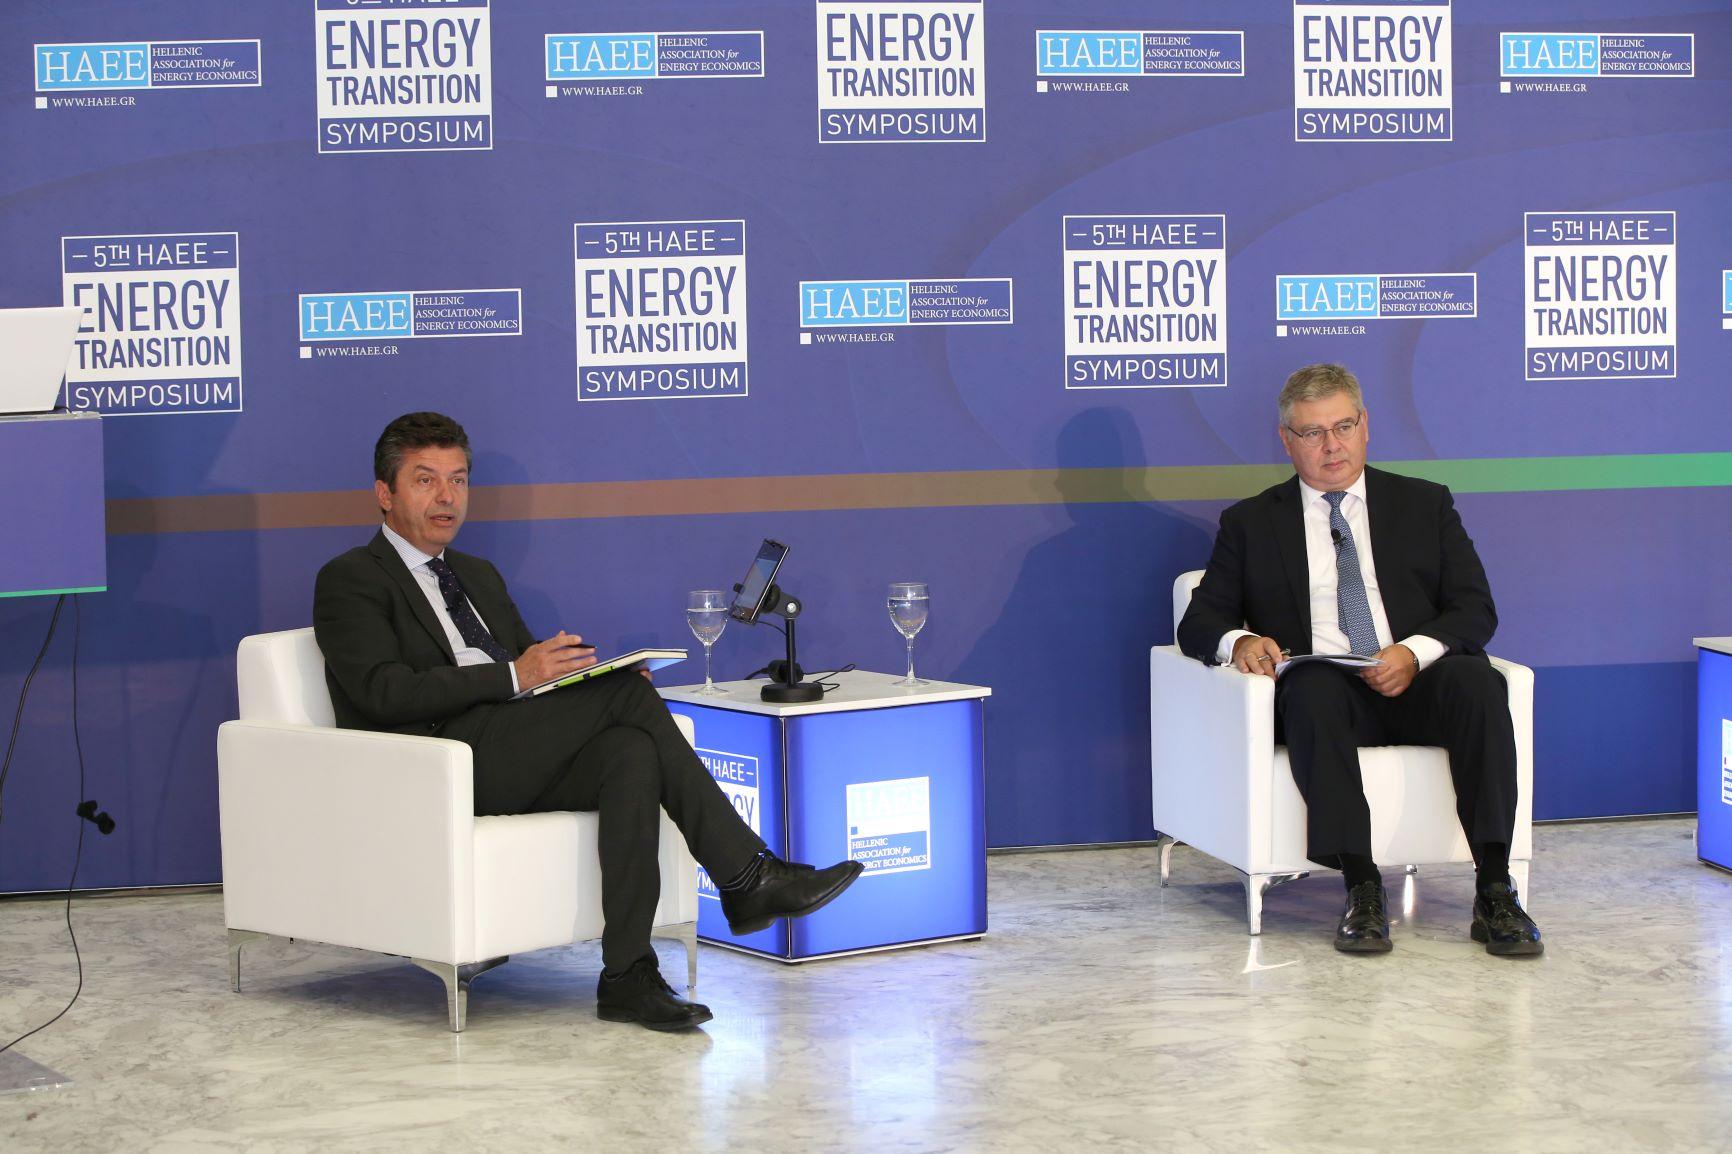 Συμμετοχή του CEO της ΕΛΠΕ κ. Ανδρέα Σιάμισιη στο «5th HAEE Energy Transition Symposium»